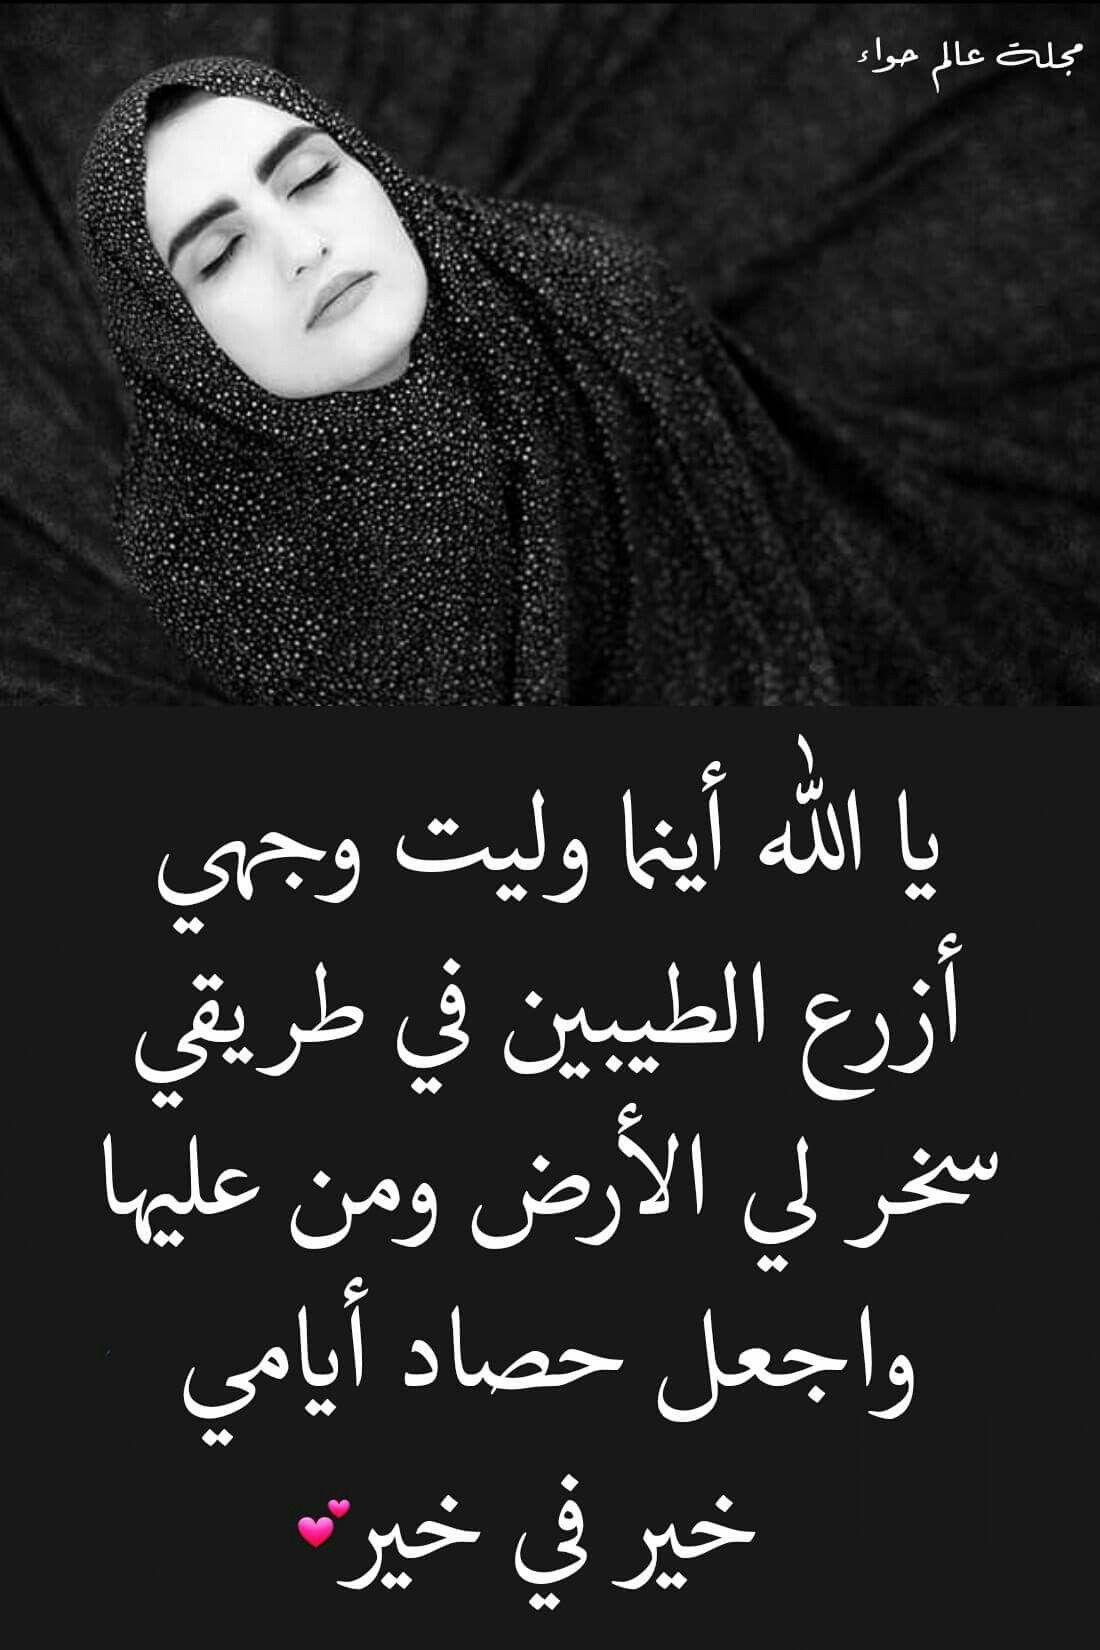 اللهم امين يارب العالمين Arabic Words Arabic Quotes Words